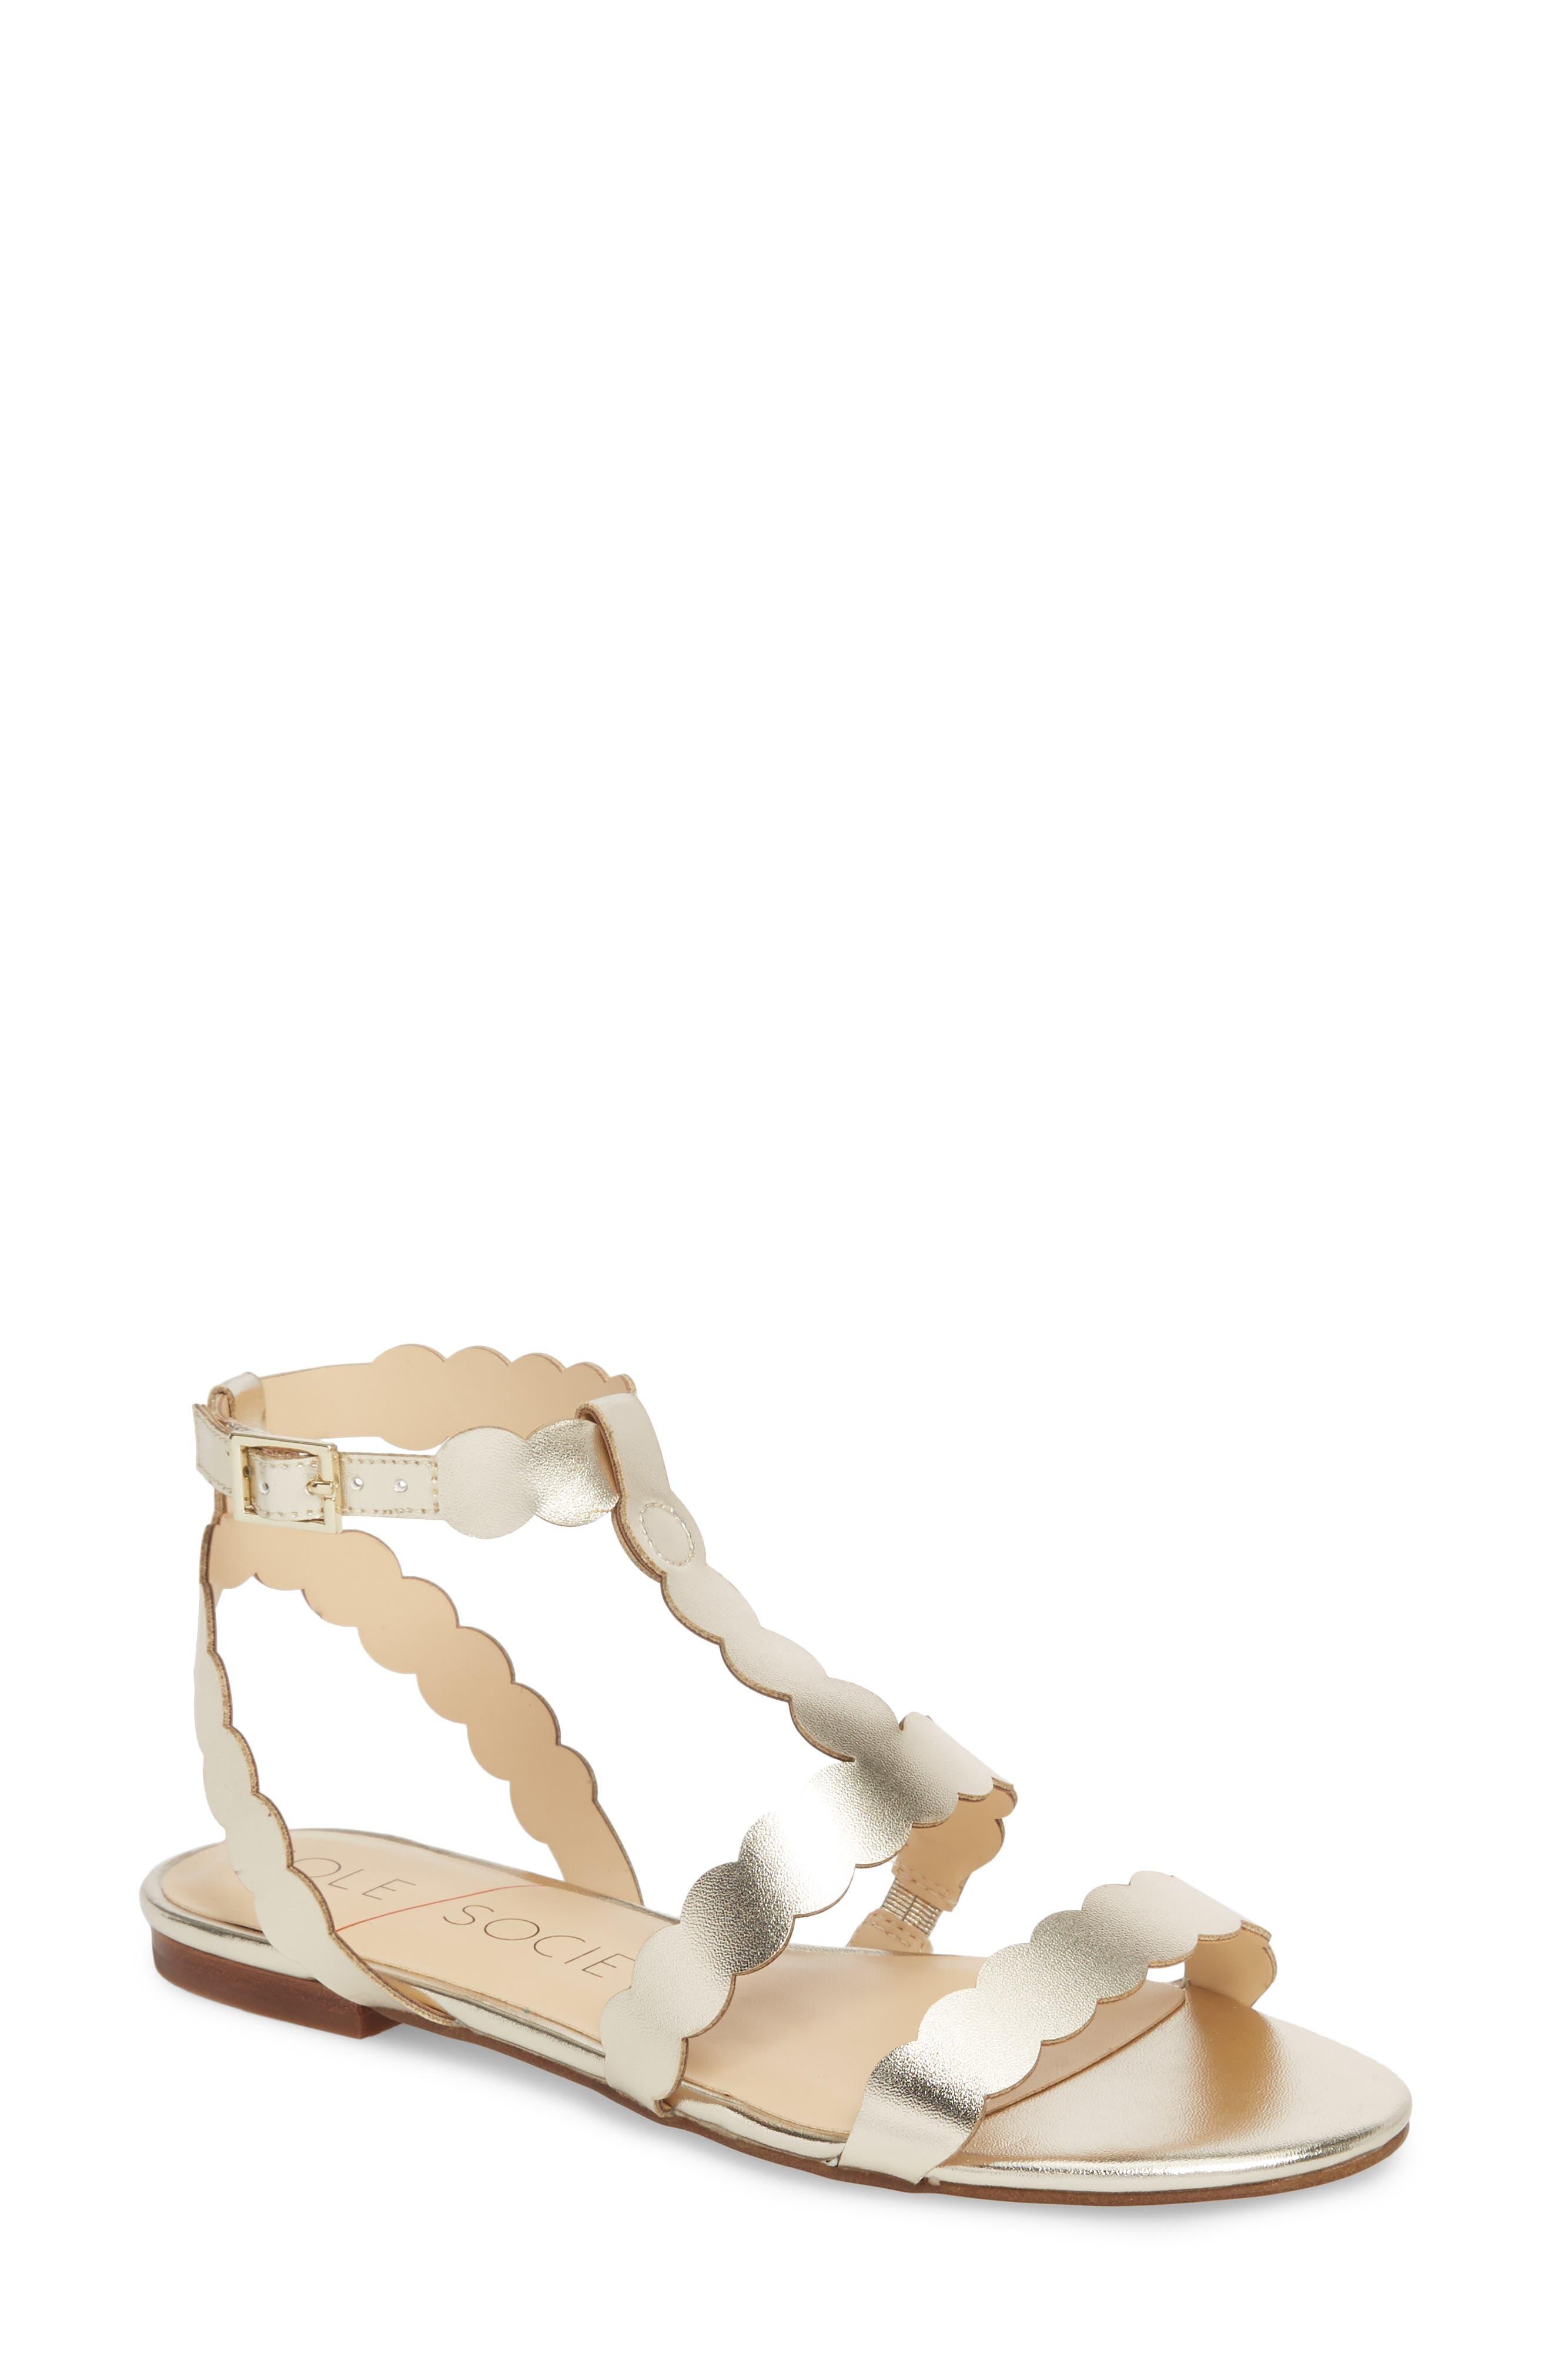 So-Maladee Flat Sandal,                             Main thumbnail 1, color,                             Totes Gold